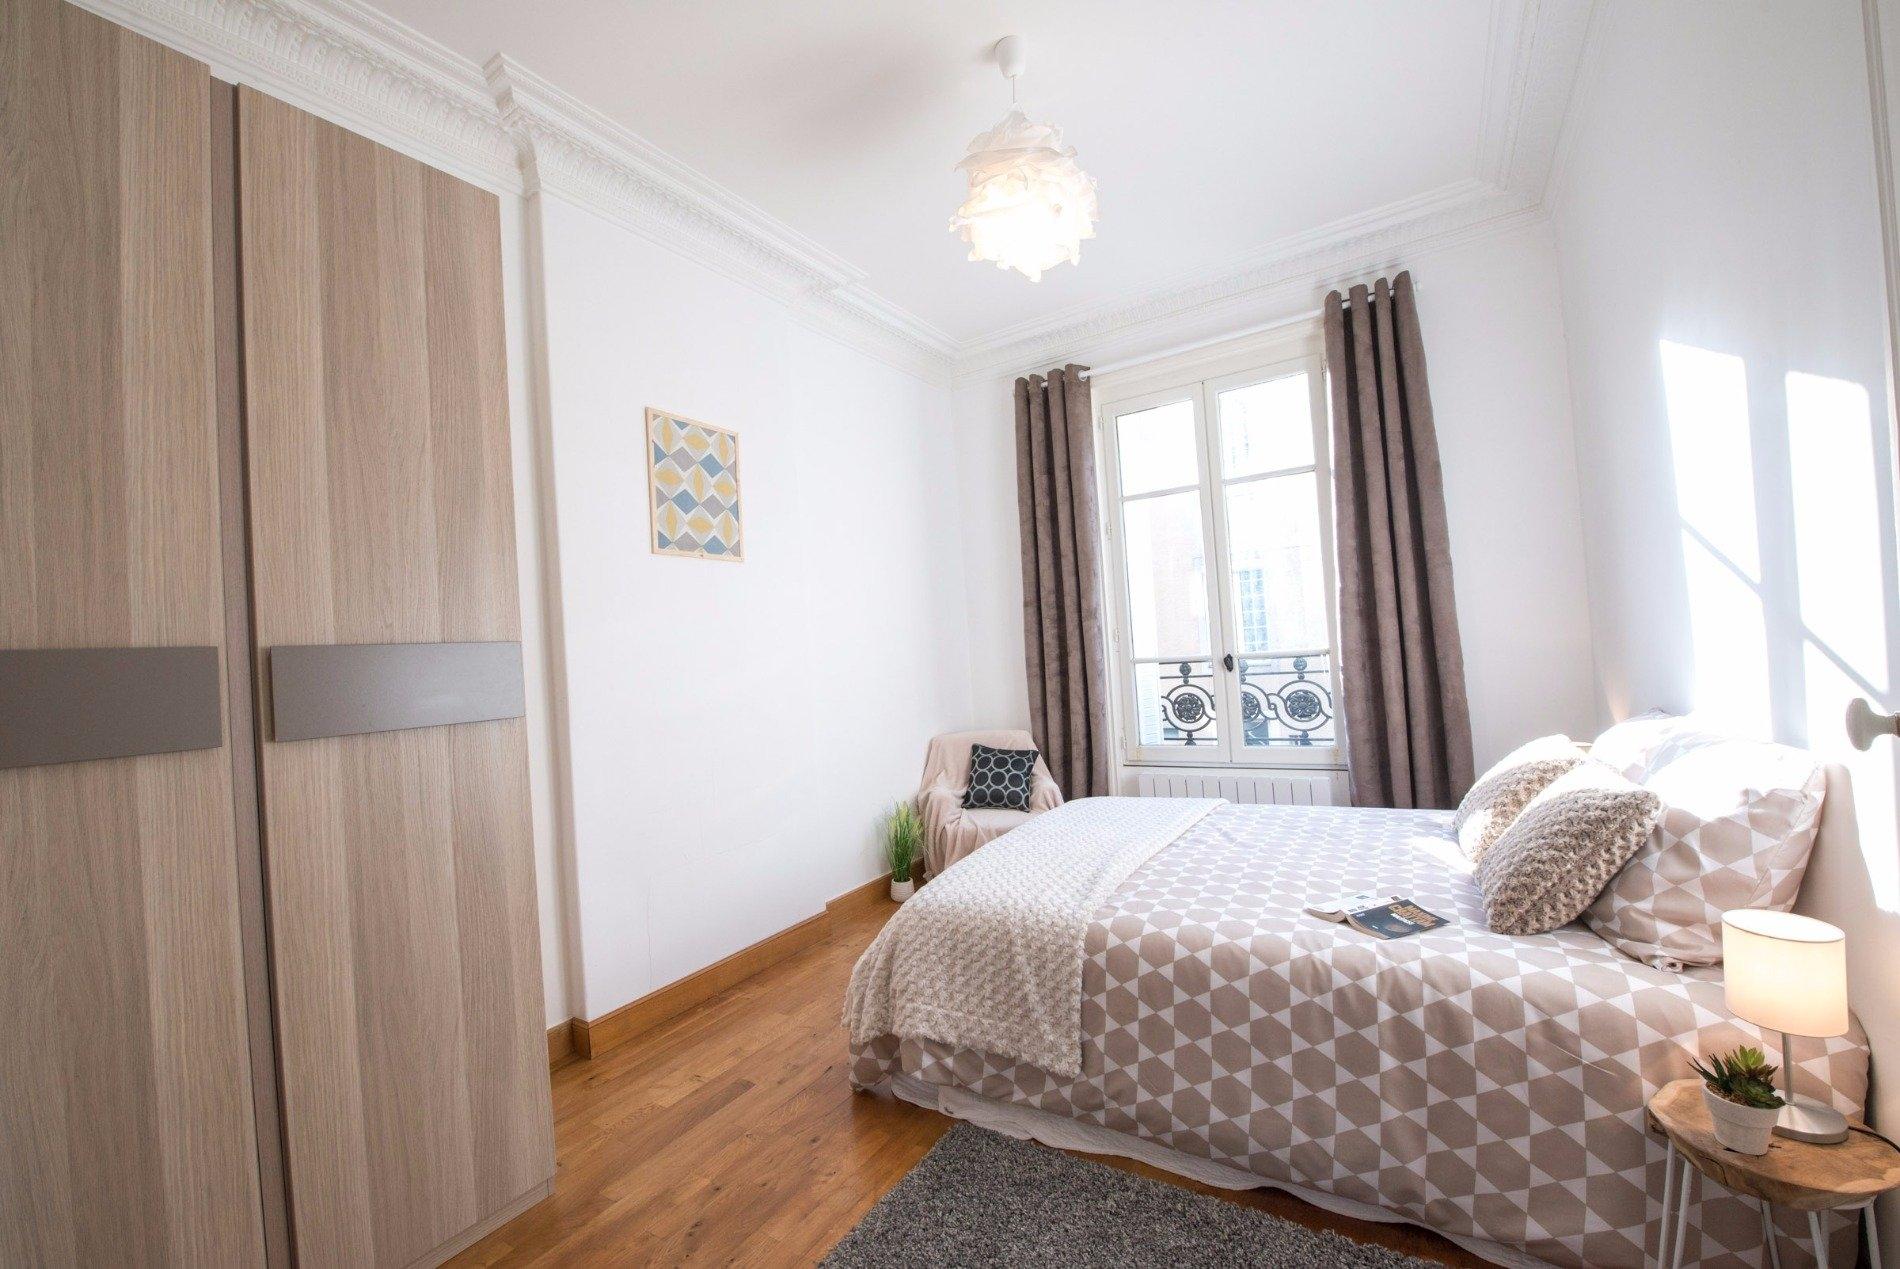 Appartement Reims 2 Pièces 39.69 m2 - 6